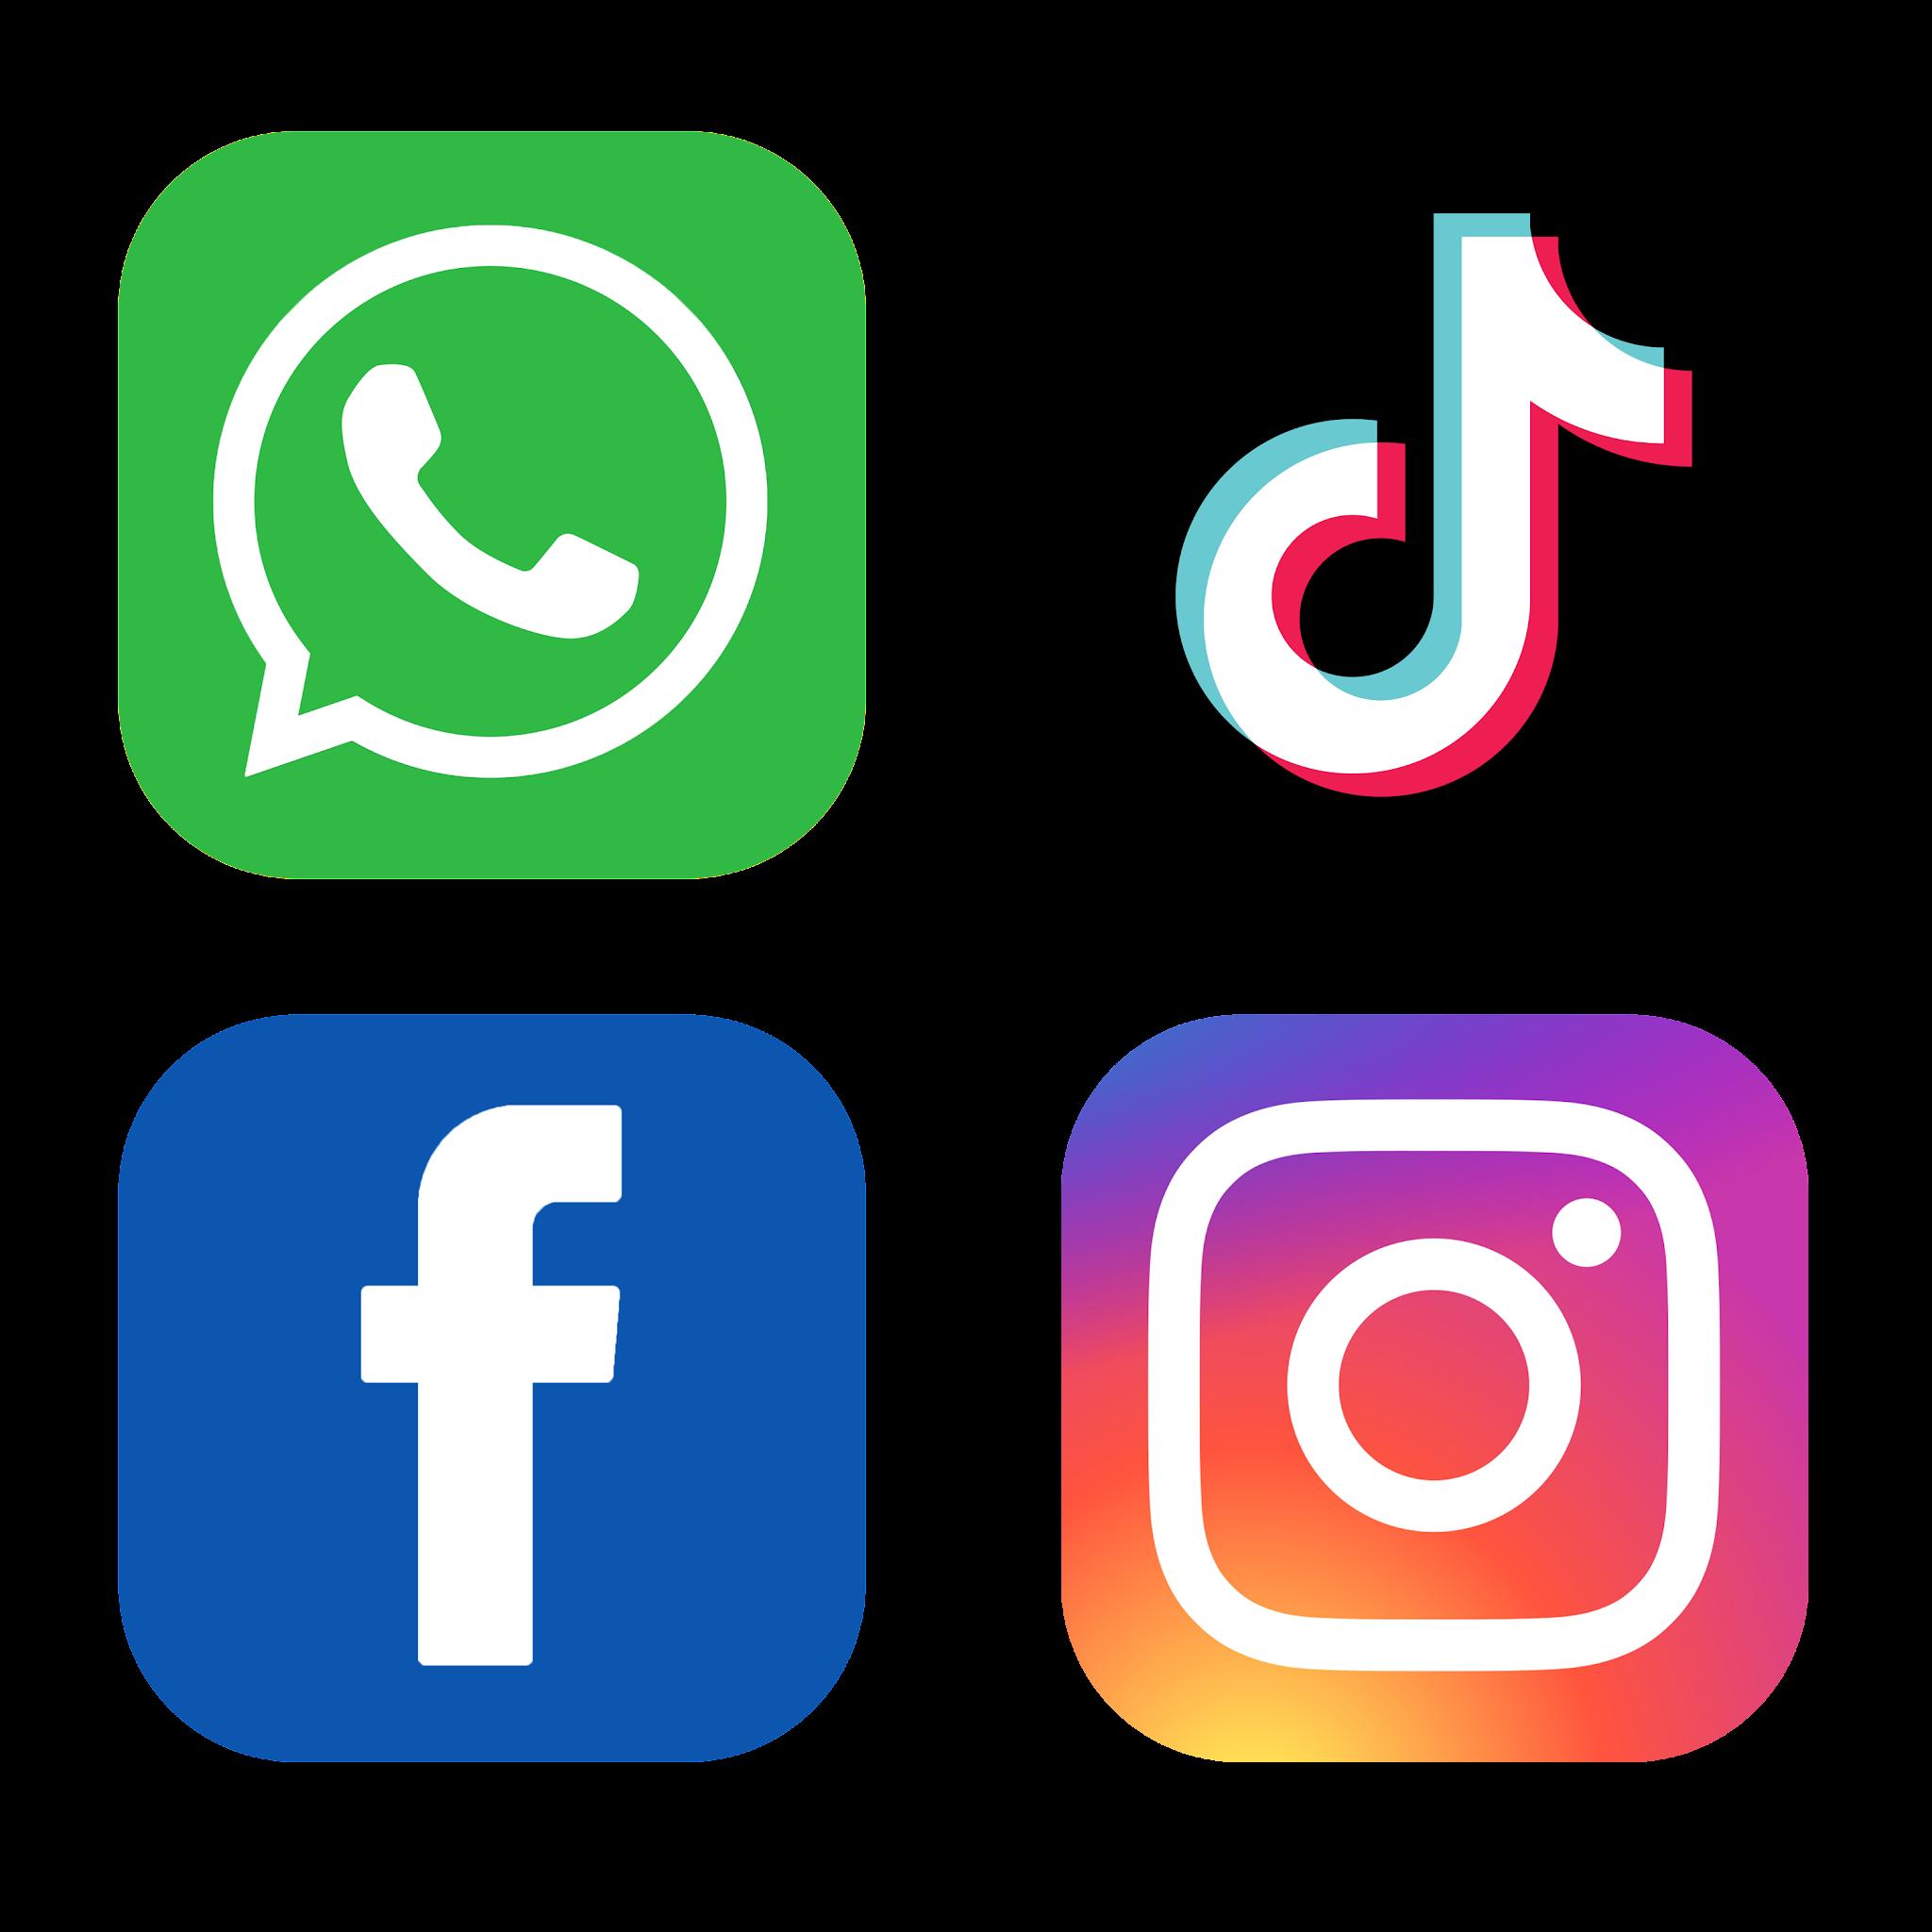 تحميل ايقونات التواصل الاجتماعي فيس بوك انستقرام واتساب تيك توك Social Media Logos PNG